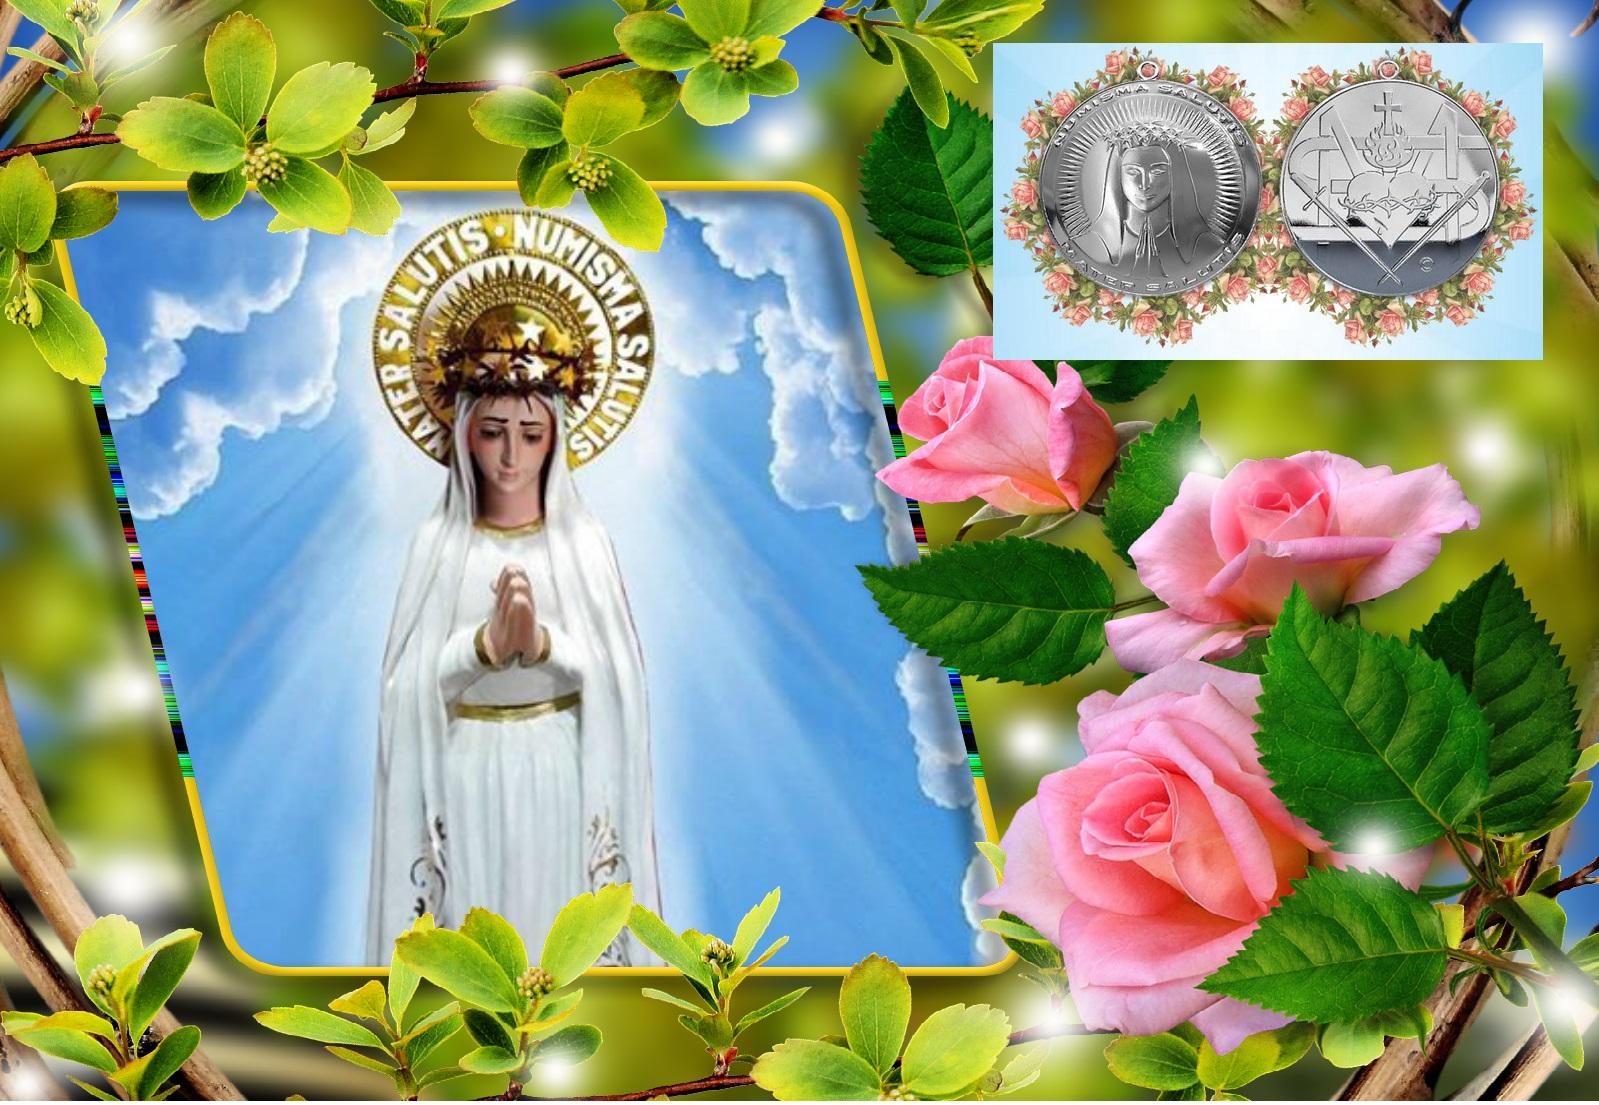 ✝✝ Per favore PREGATE PER QUESTA MISSIONE e in particolare per il nostro gruppo Gesù all'umanità